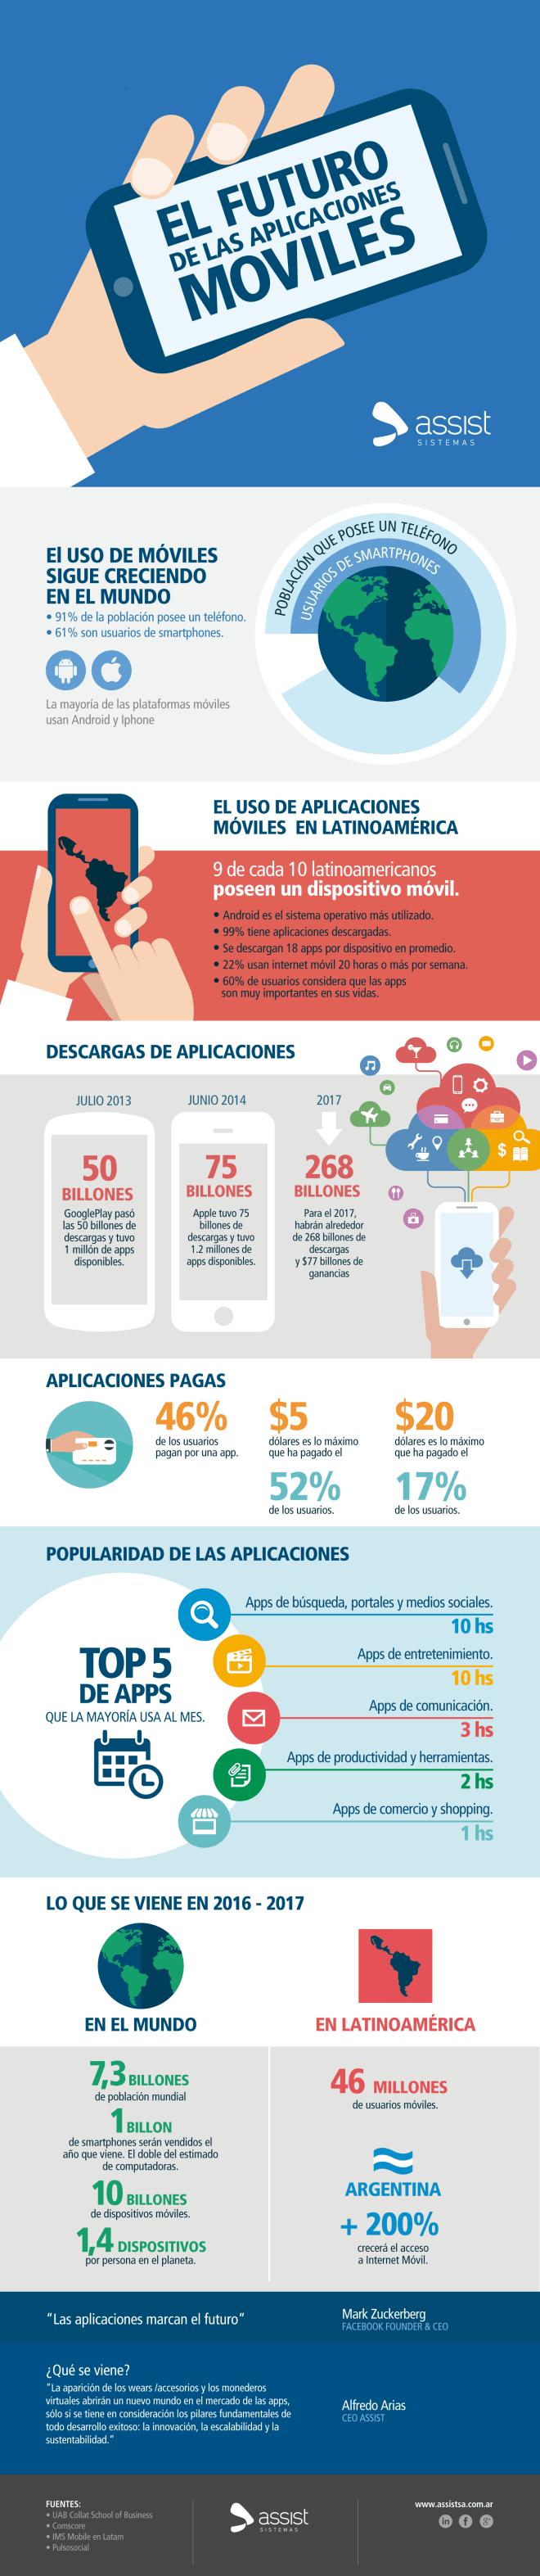 El futuro de las Aplicaciones Móviles